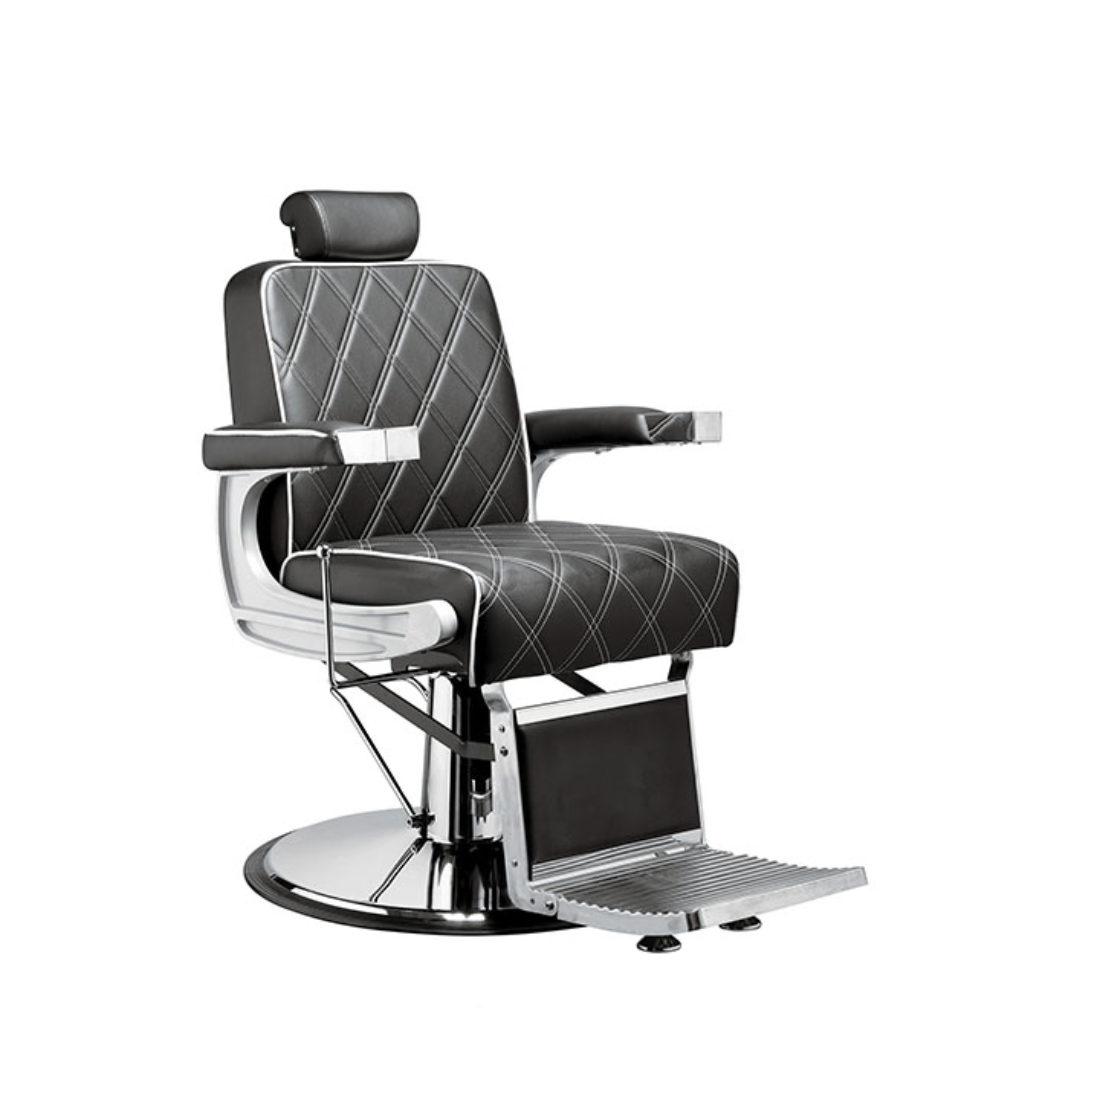 DDUUEETT GON Barber Chair